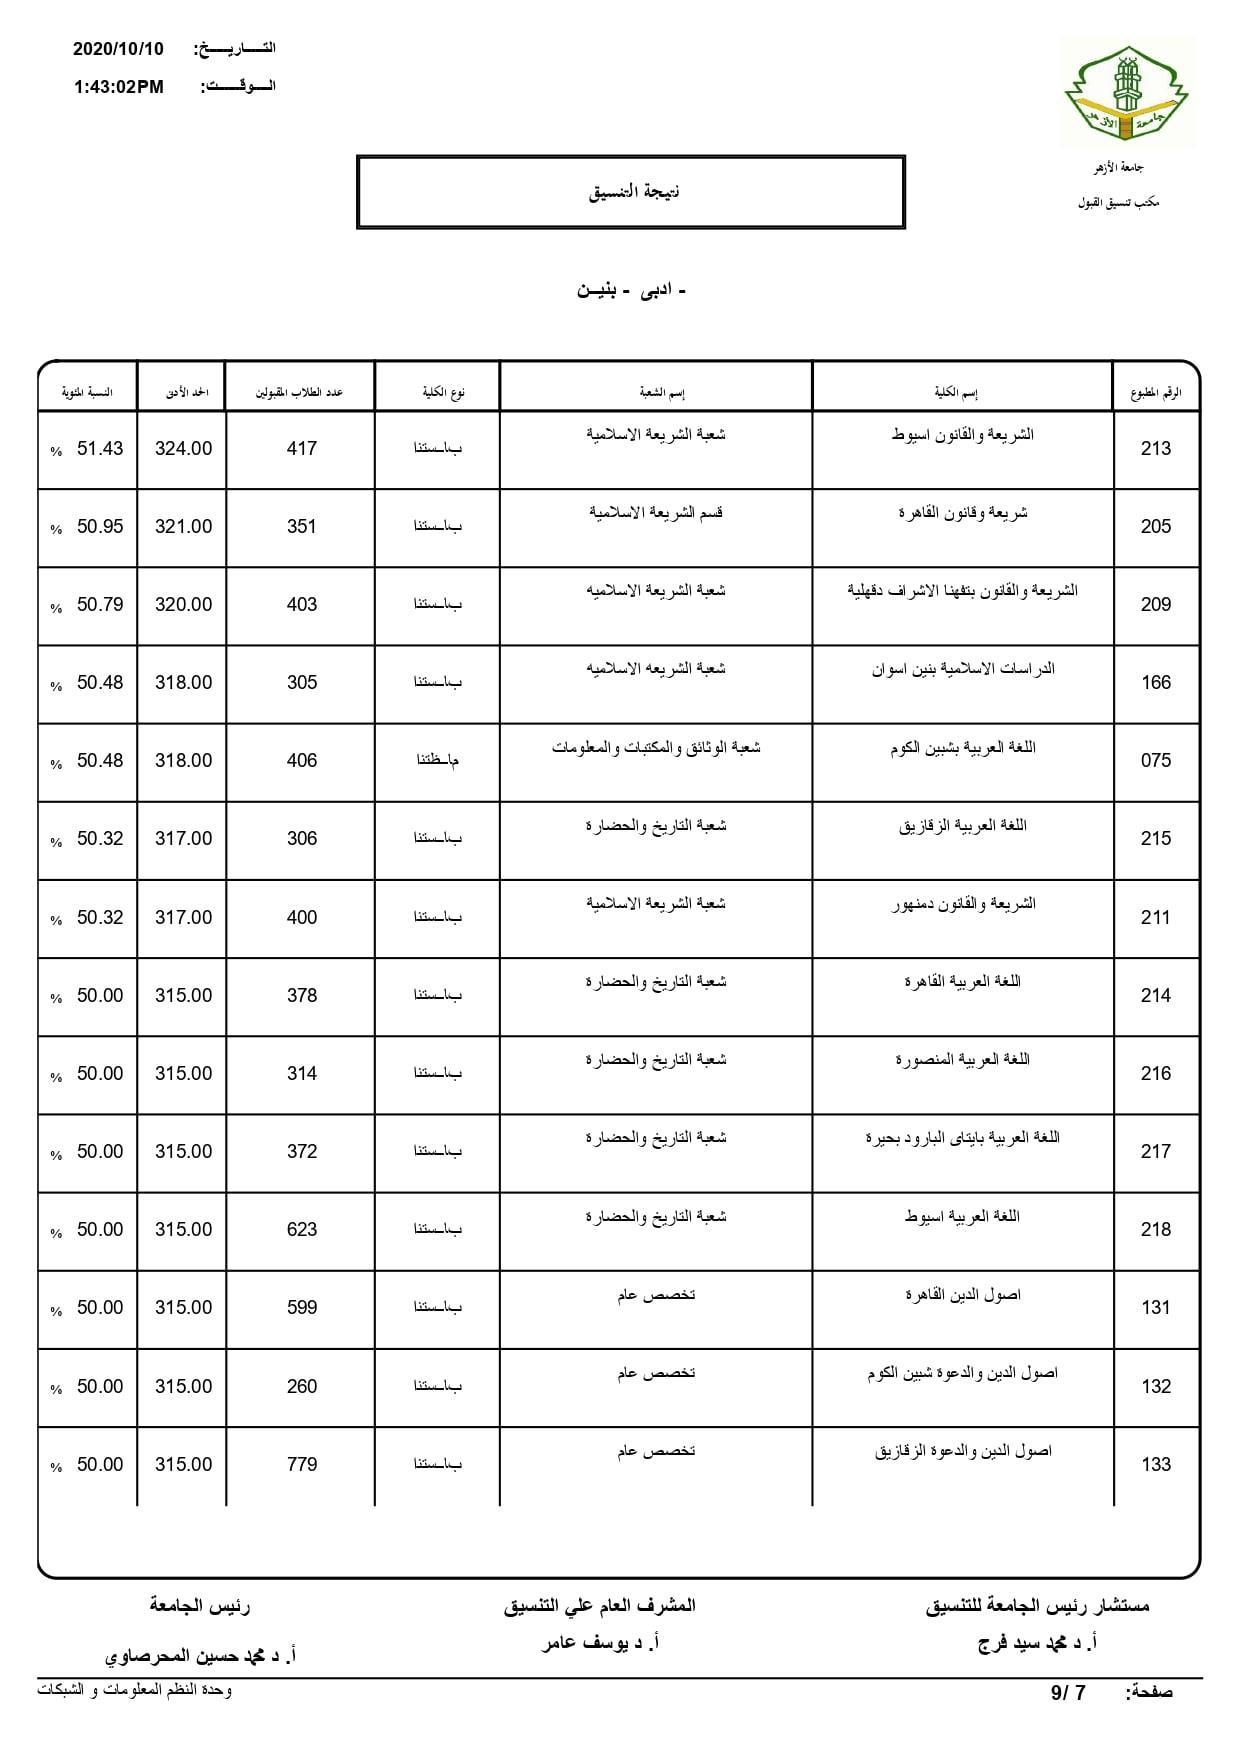 نتيجة تنسيق كليات جامعة الأزهر لعام 2020 بالكامل 20201010201812972